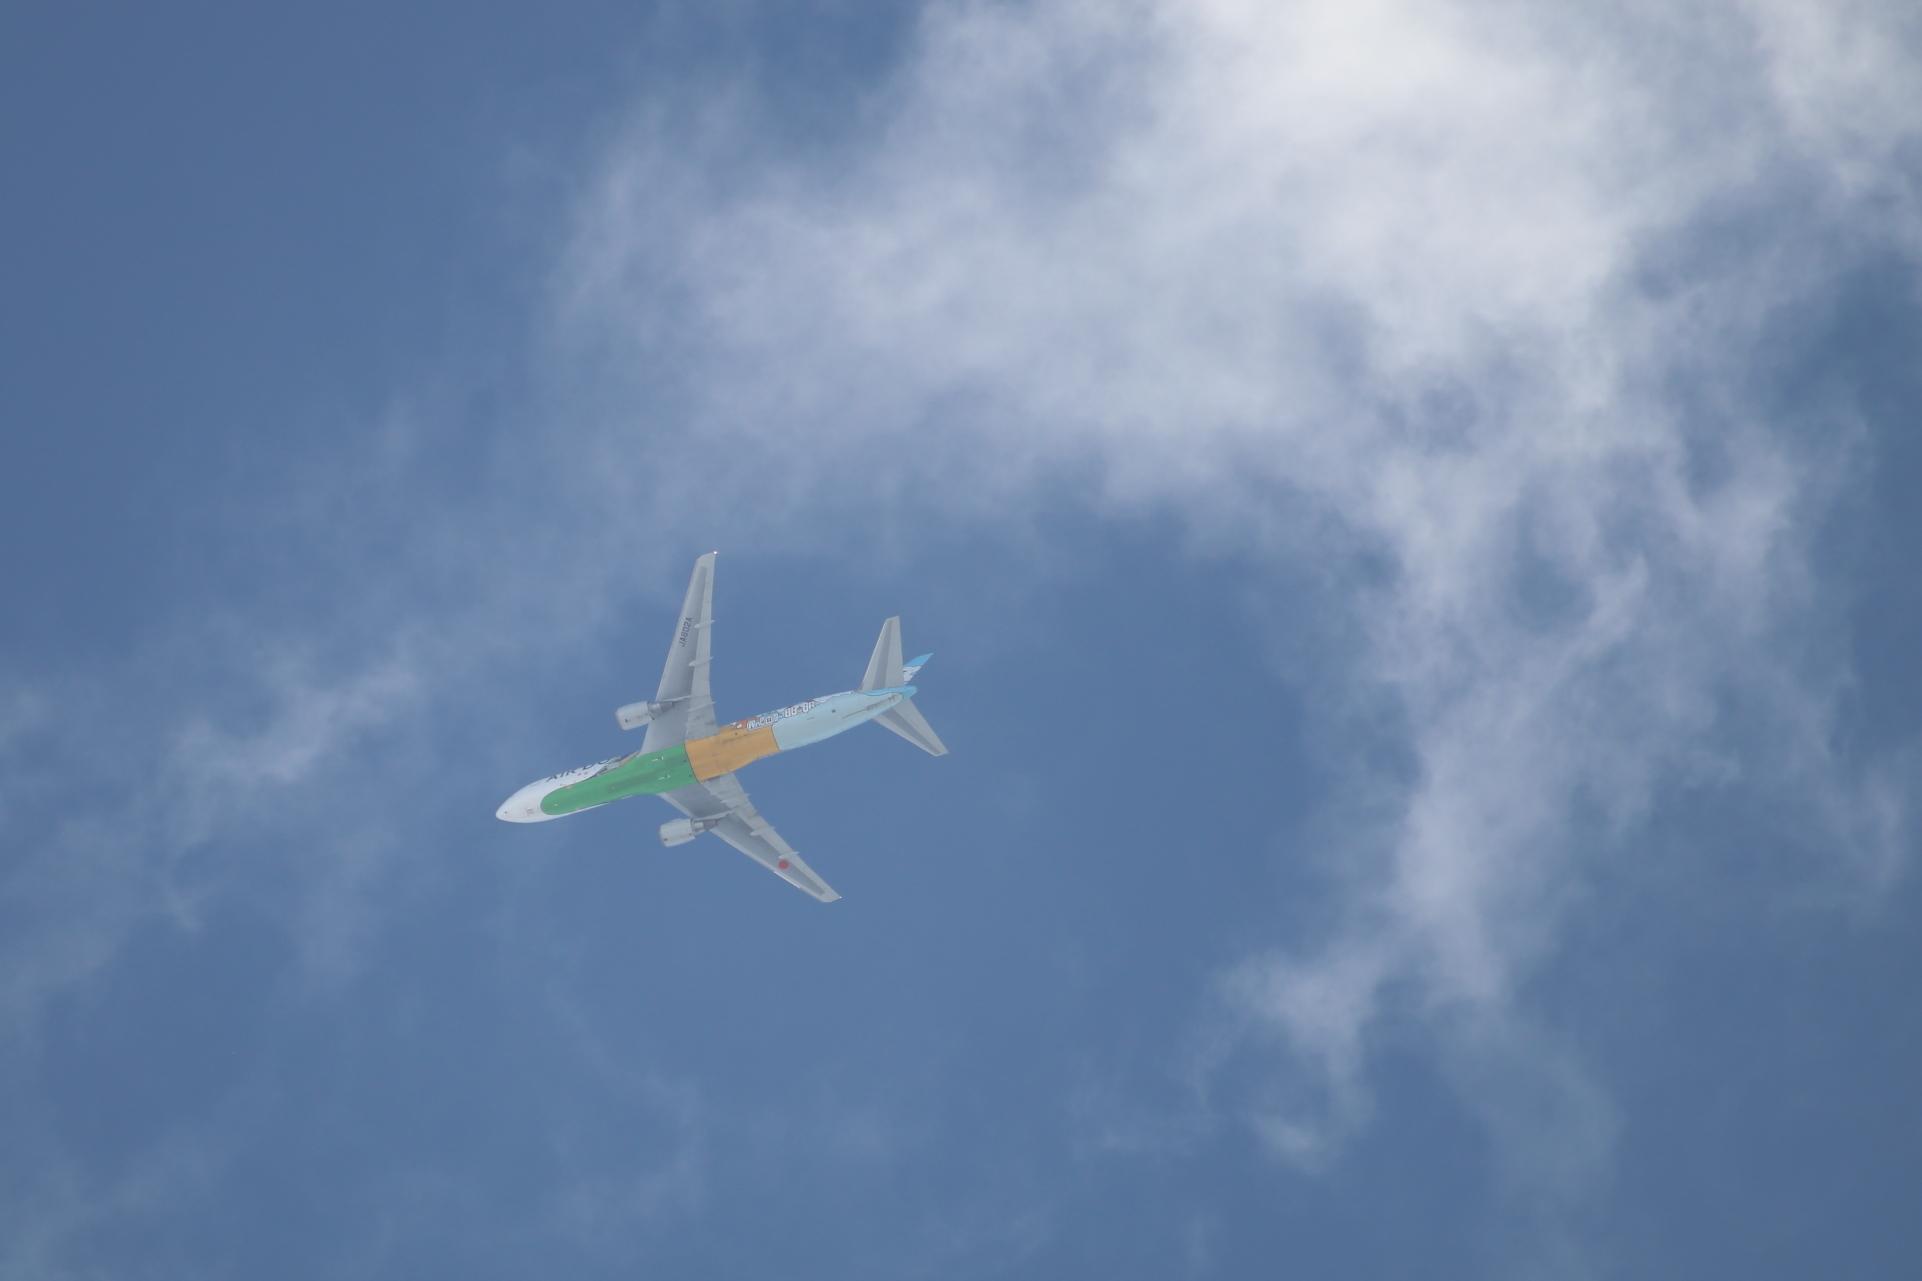 飛行機と雲